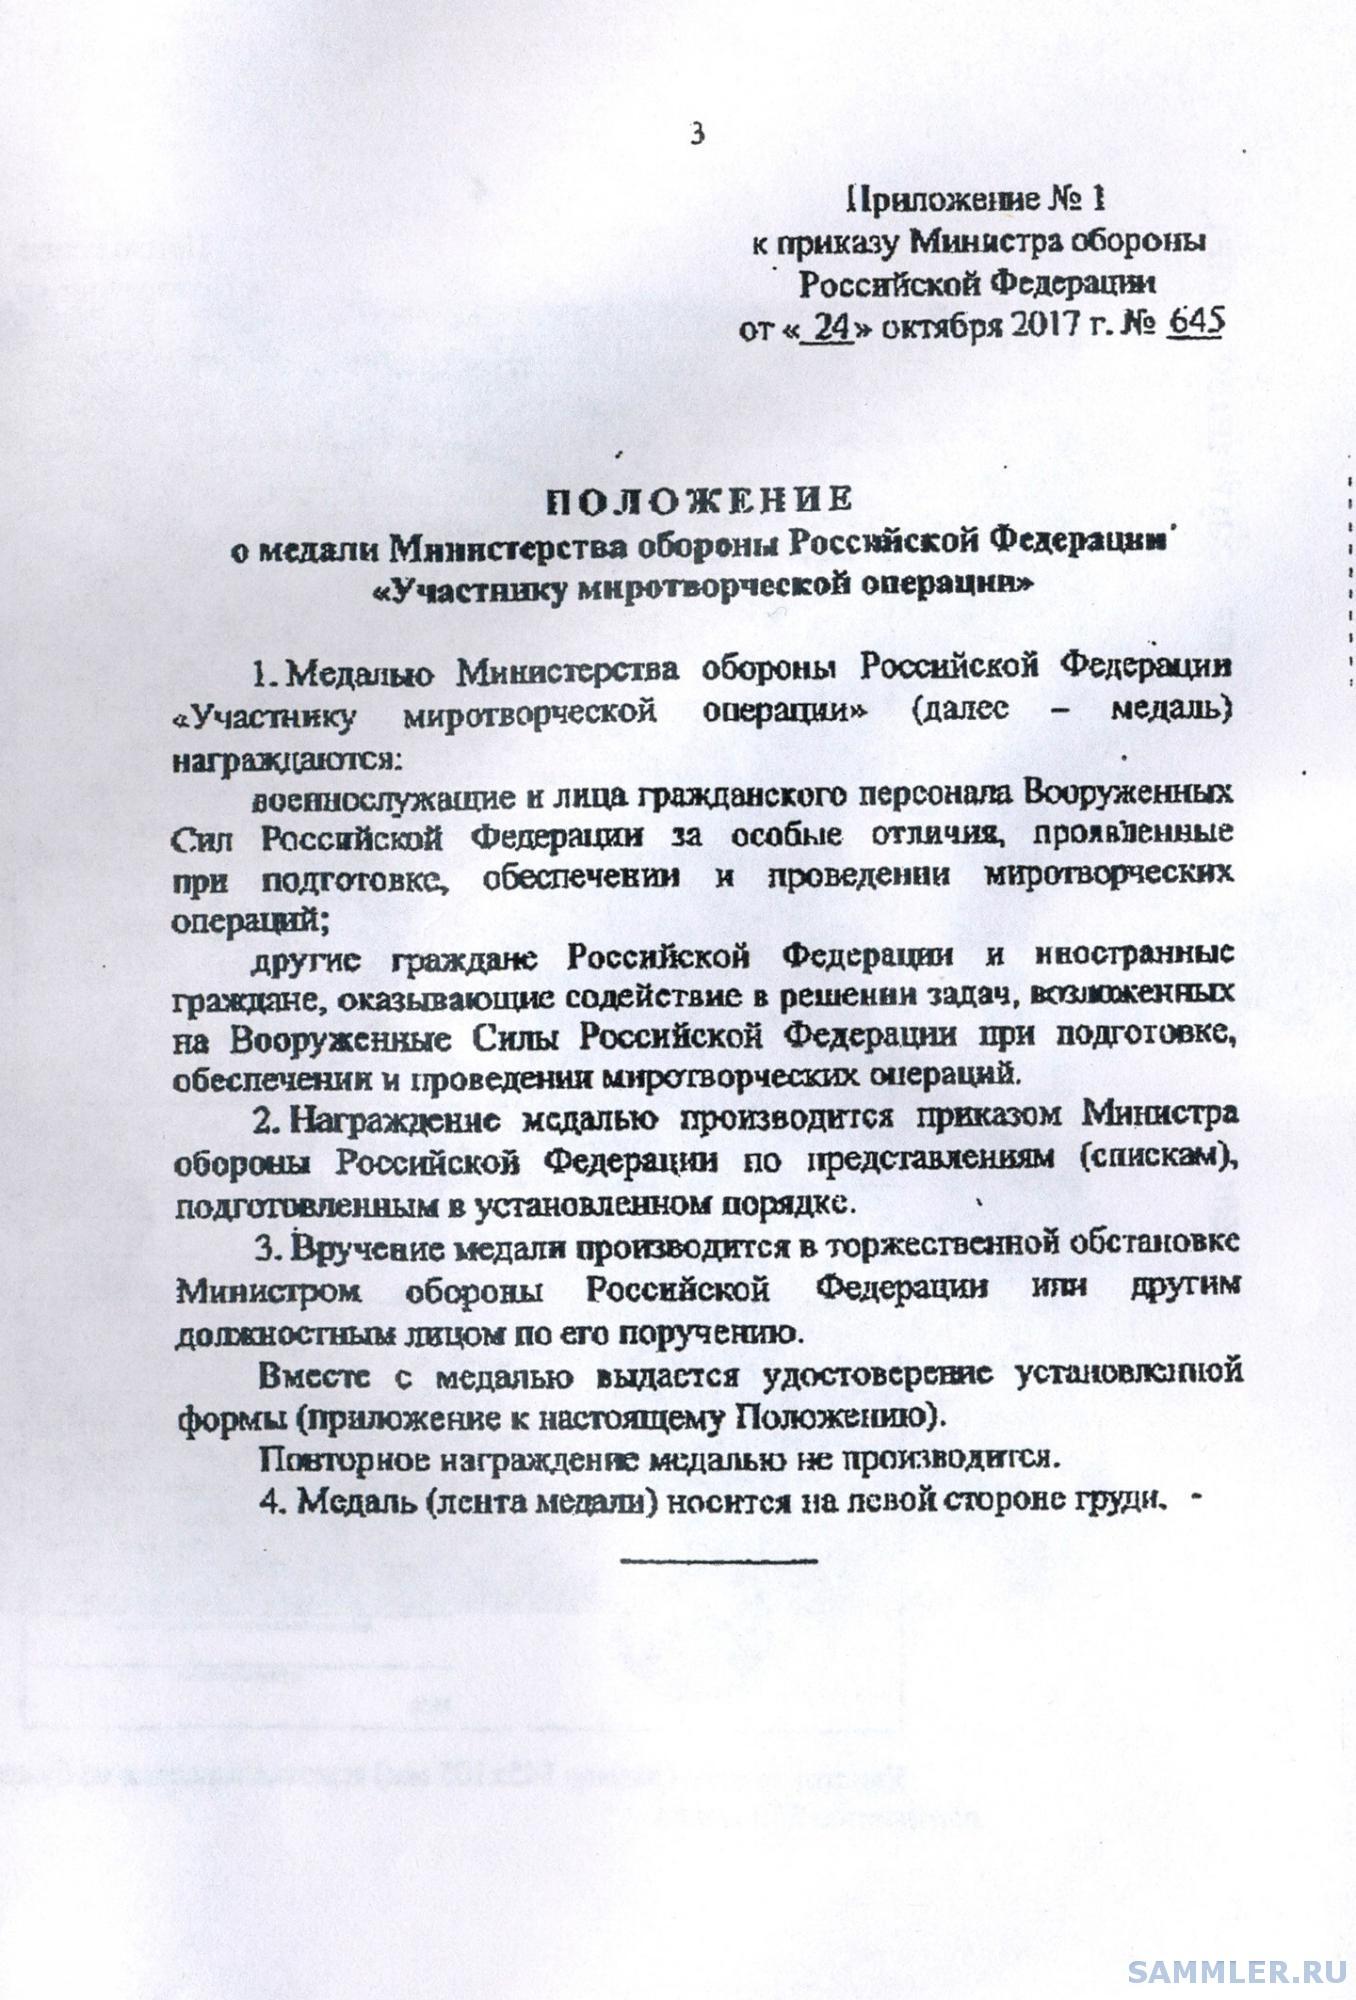 МО №645-3.jpg